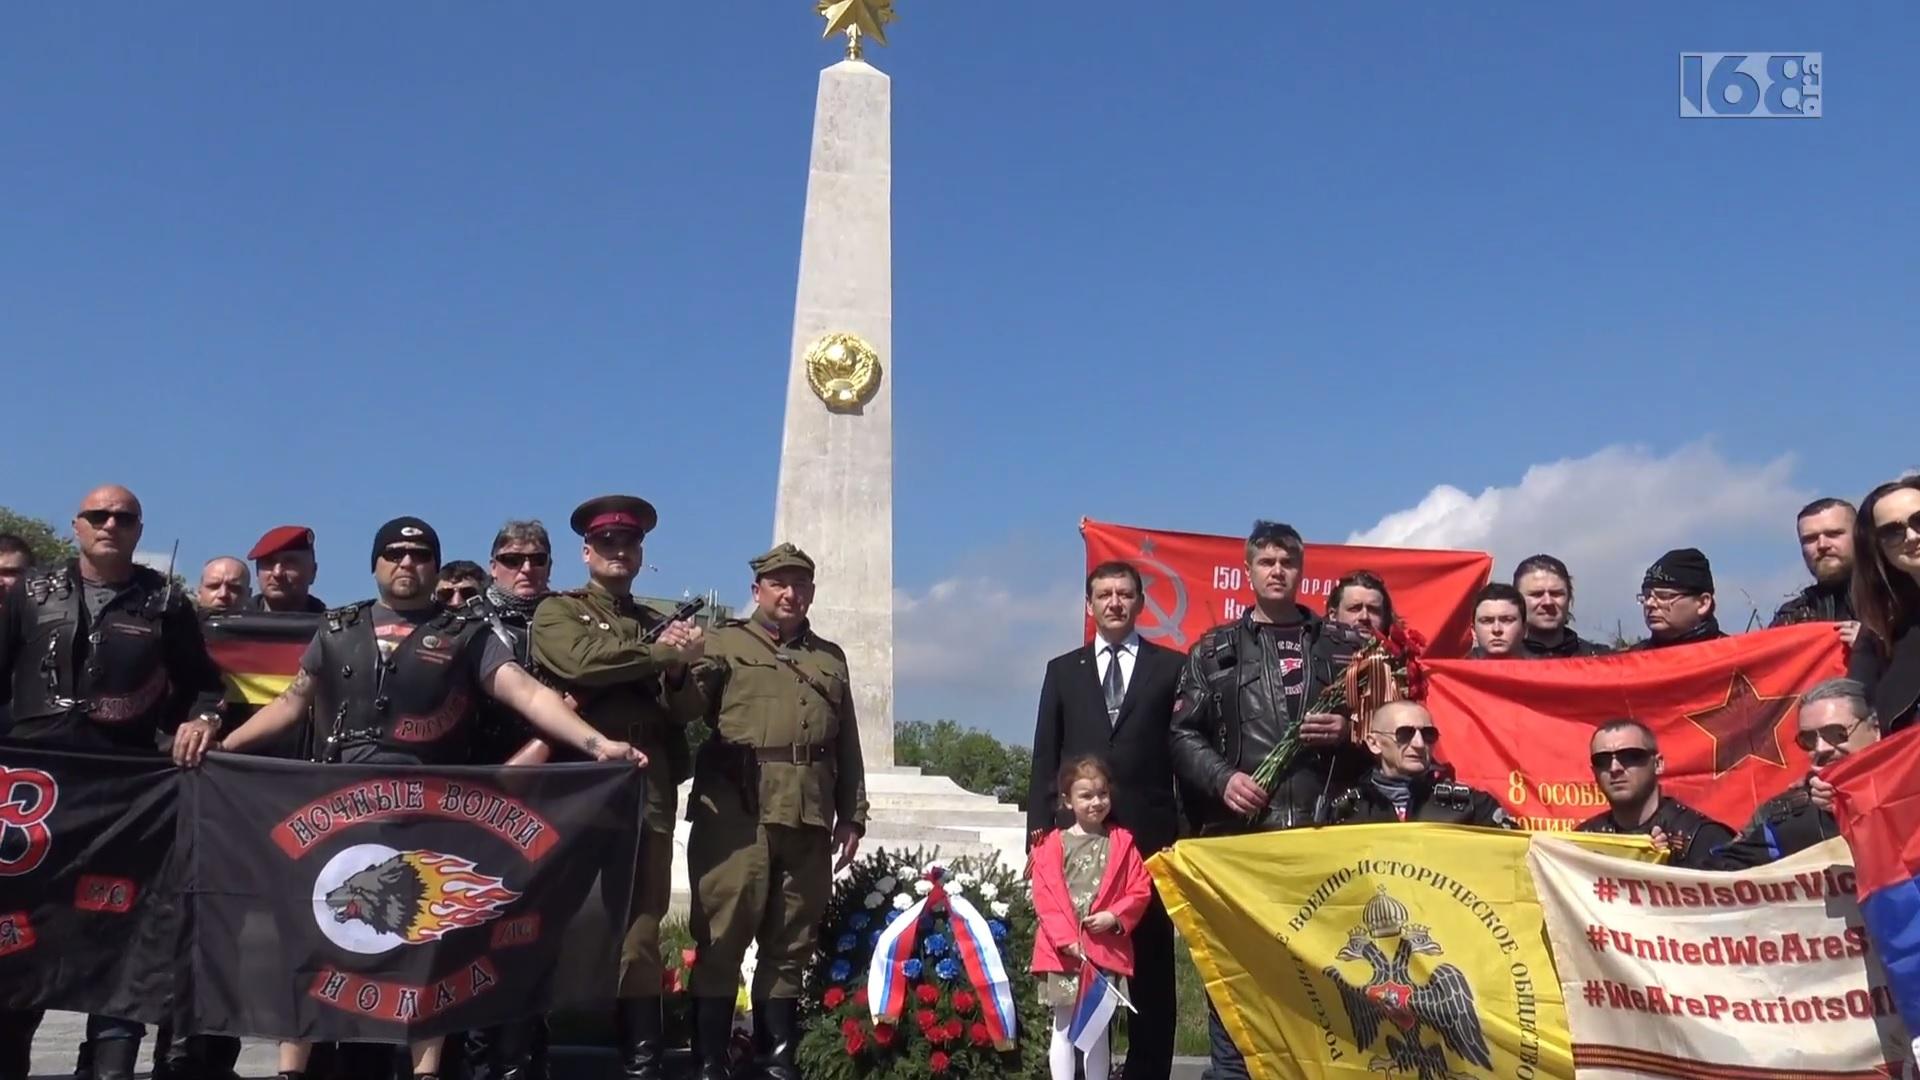 Az Éjjeli farkasok sarló-kalapácsos és vörös csillagos zászlóval koszorúztak egy budapesti szovjet emlékműnél